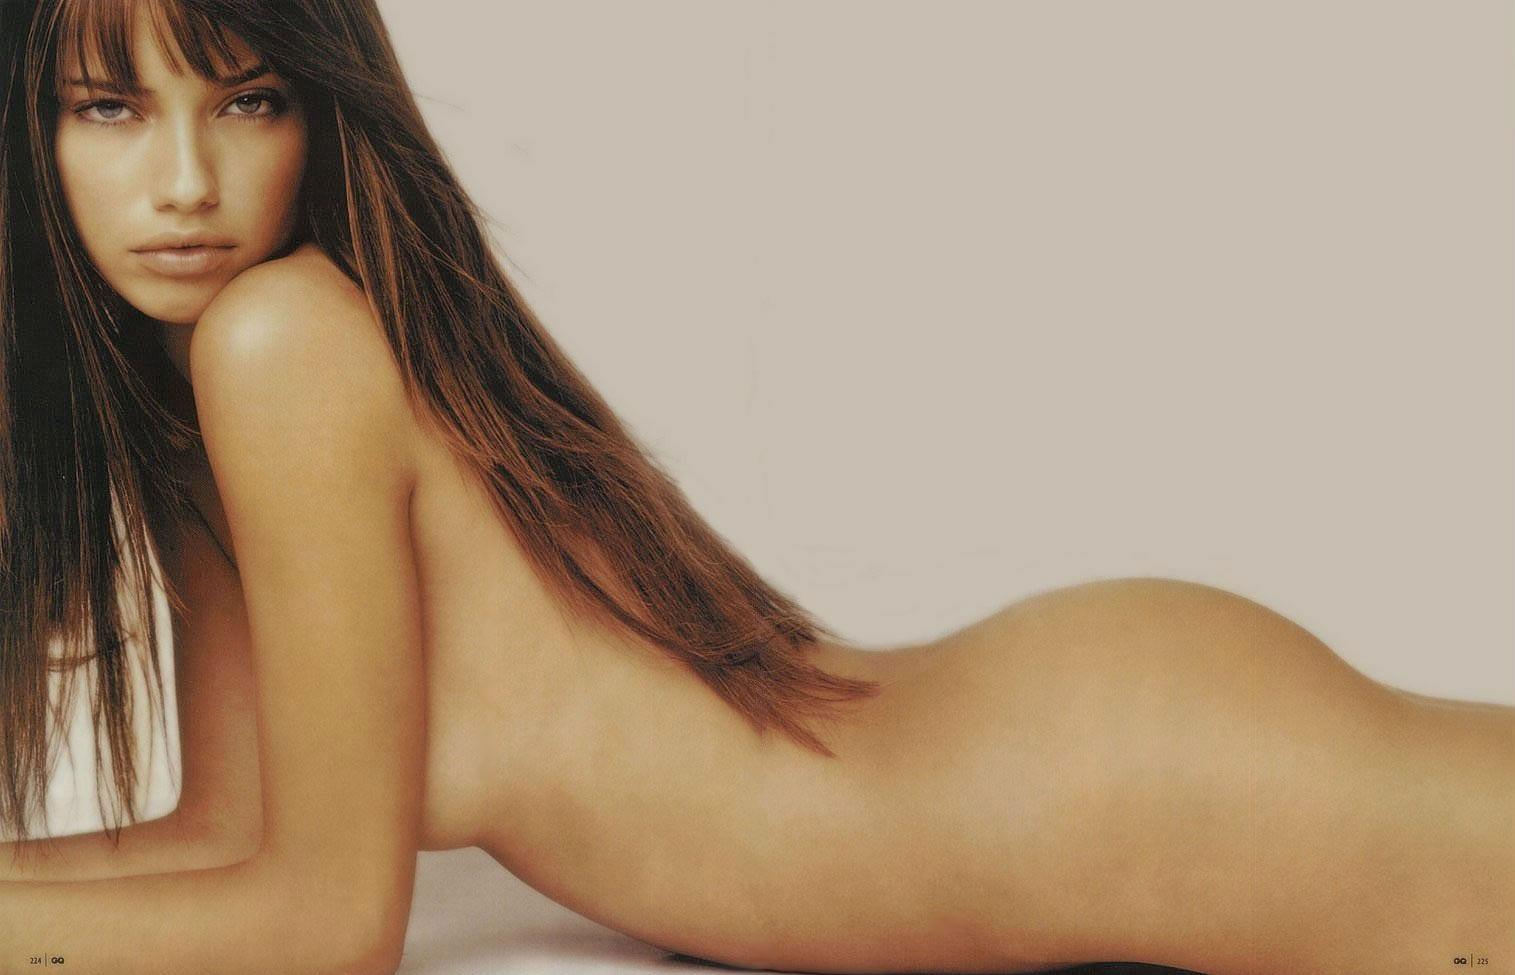 Adriana-GQ-2002-adriana-lima-21687042-1515-992